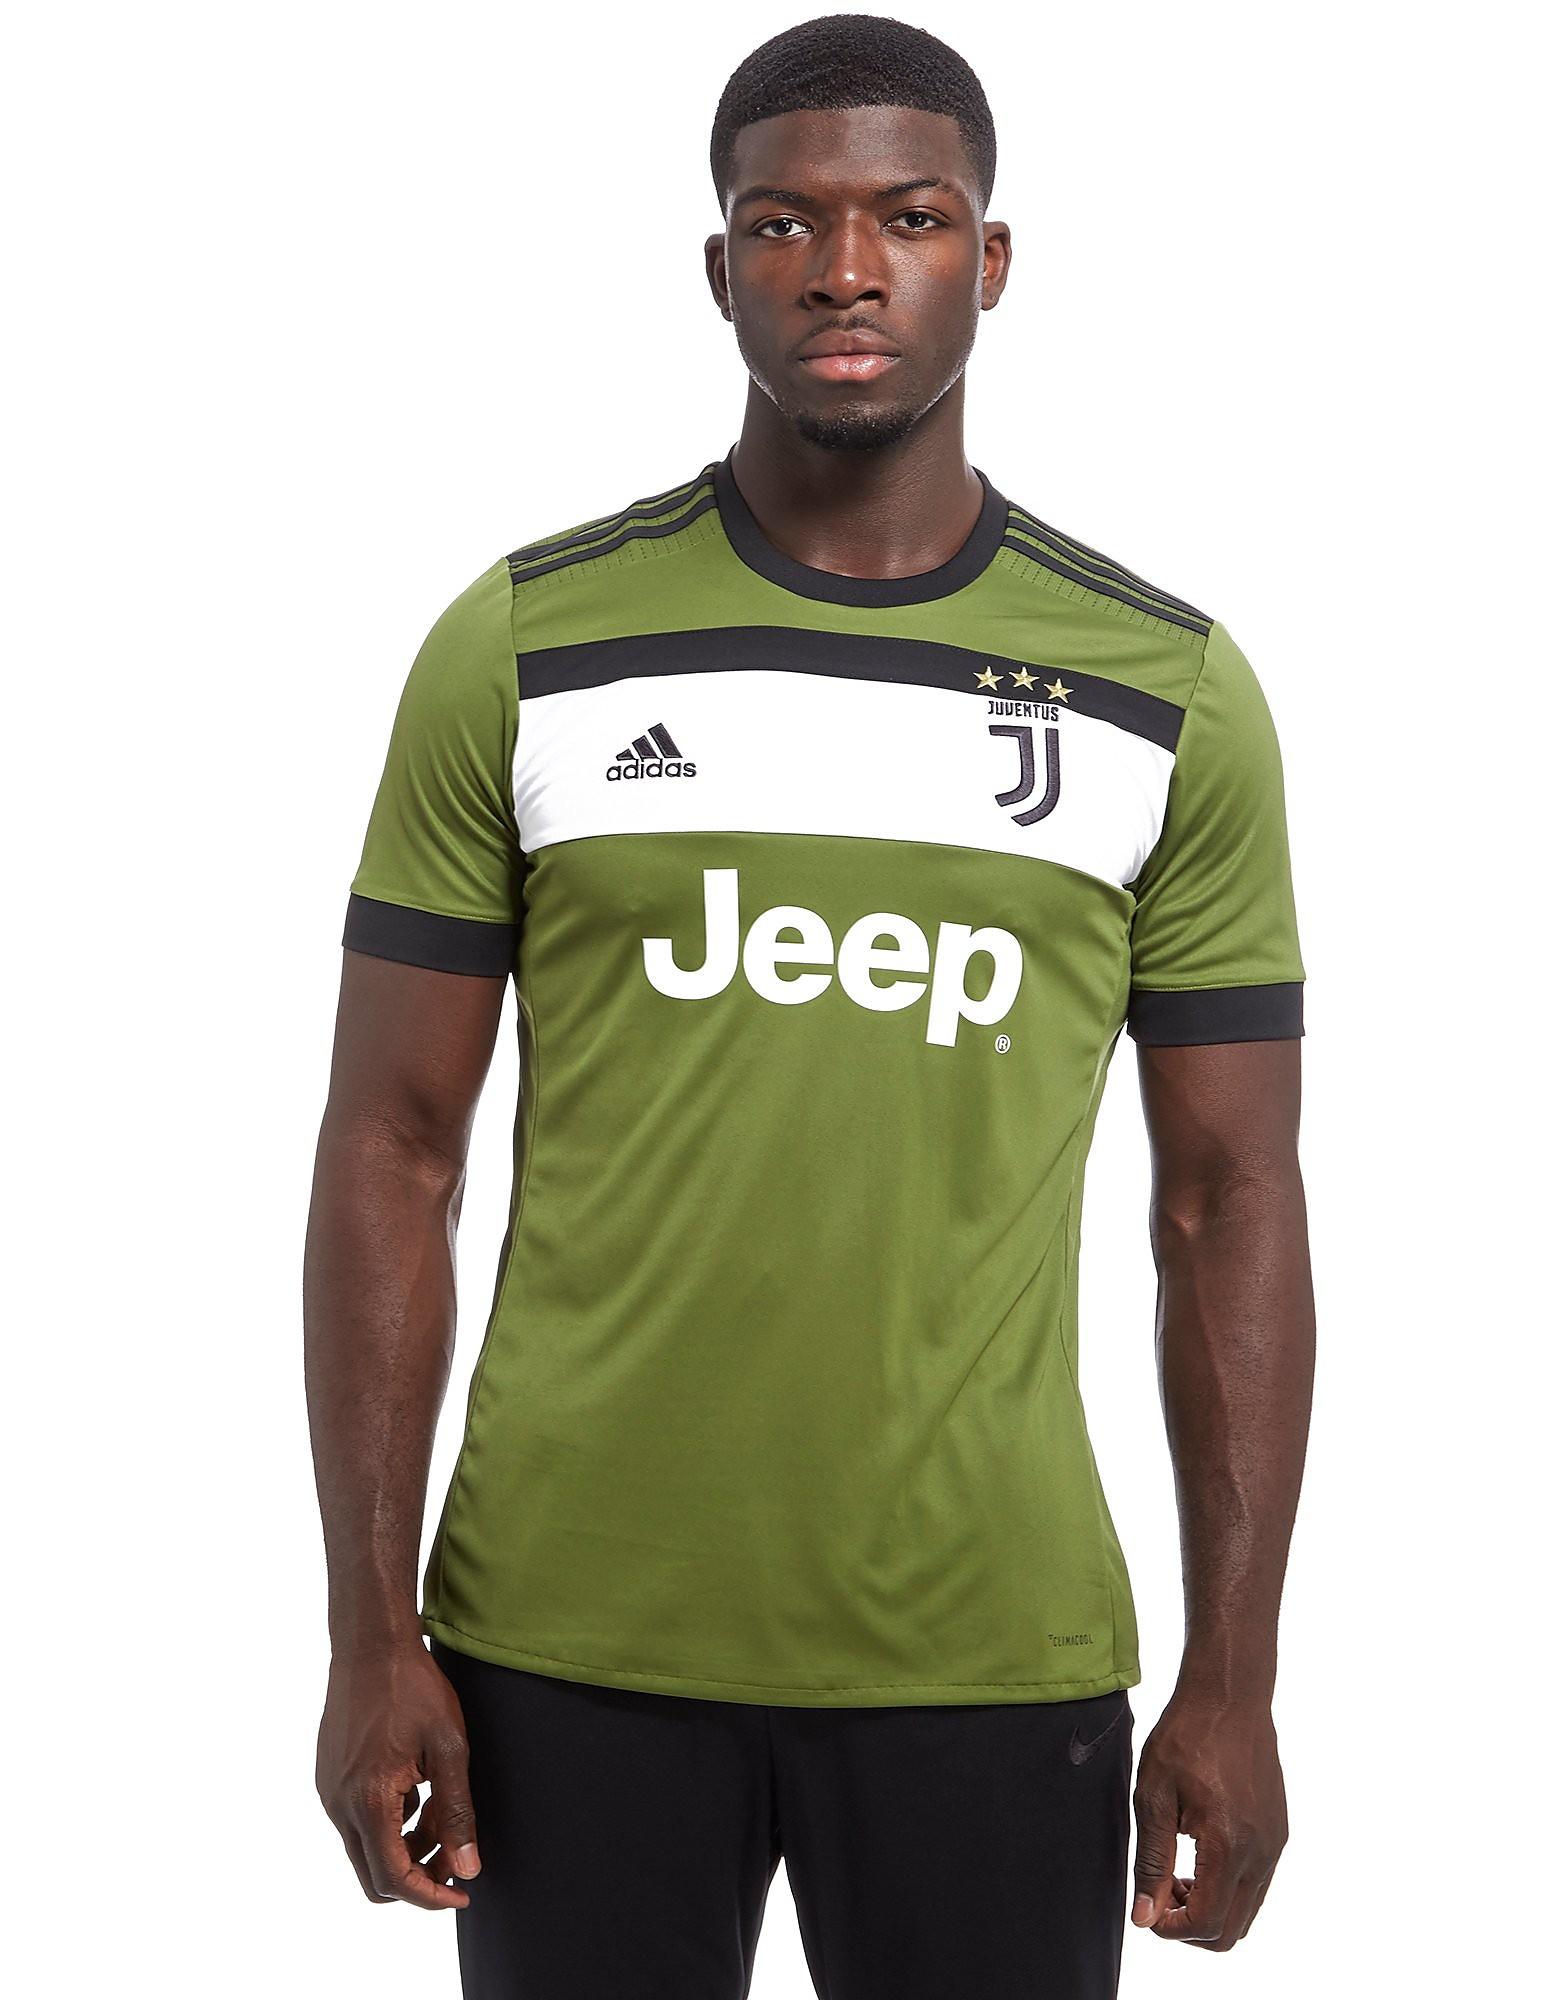 adidas Juventus 2017/18 Third Shirt PRE ORDER